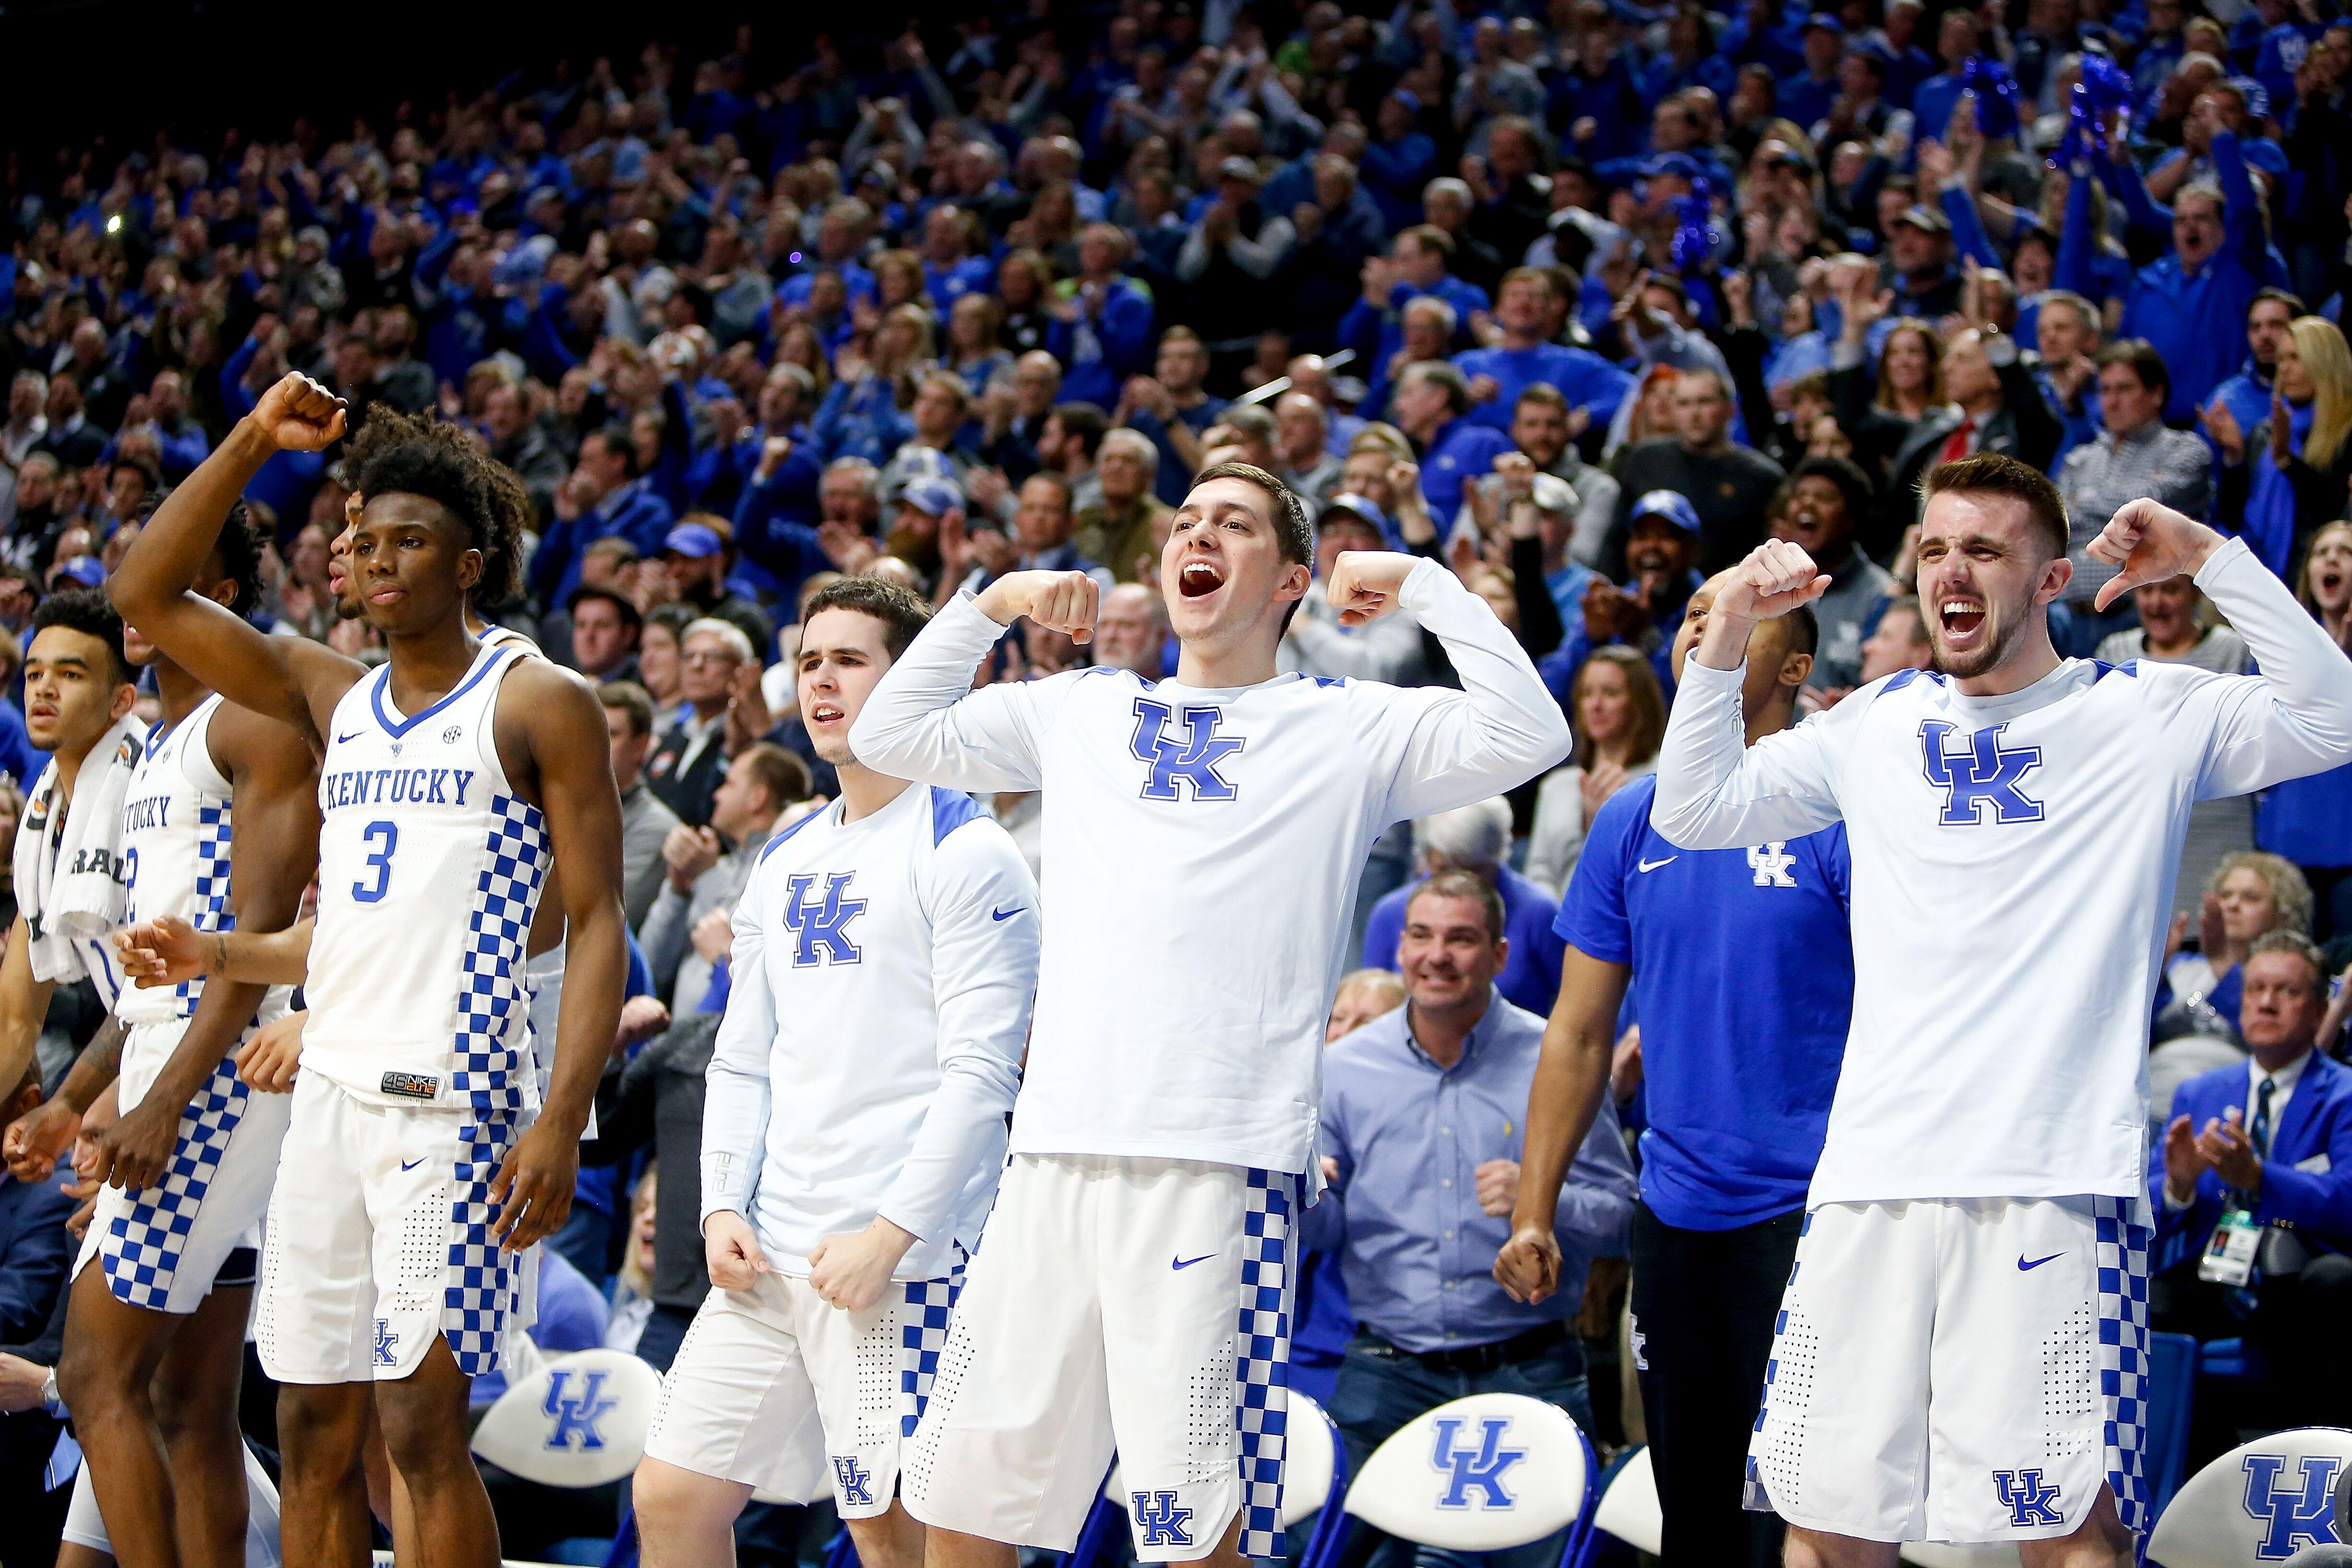 Kentucky Basketball 3 Concerns After Wildcats Home Loss: Kentucky Basketball: 5 Rushed Reactions Vs Vanderbilt